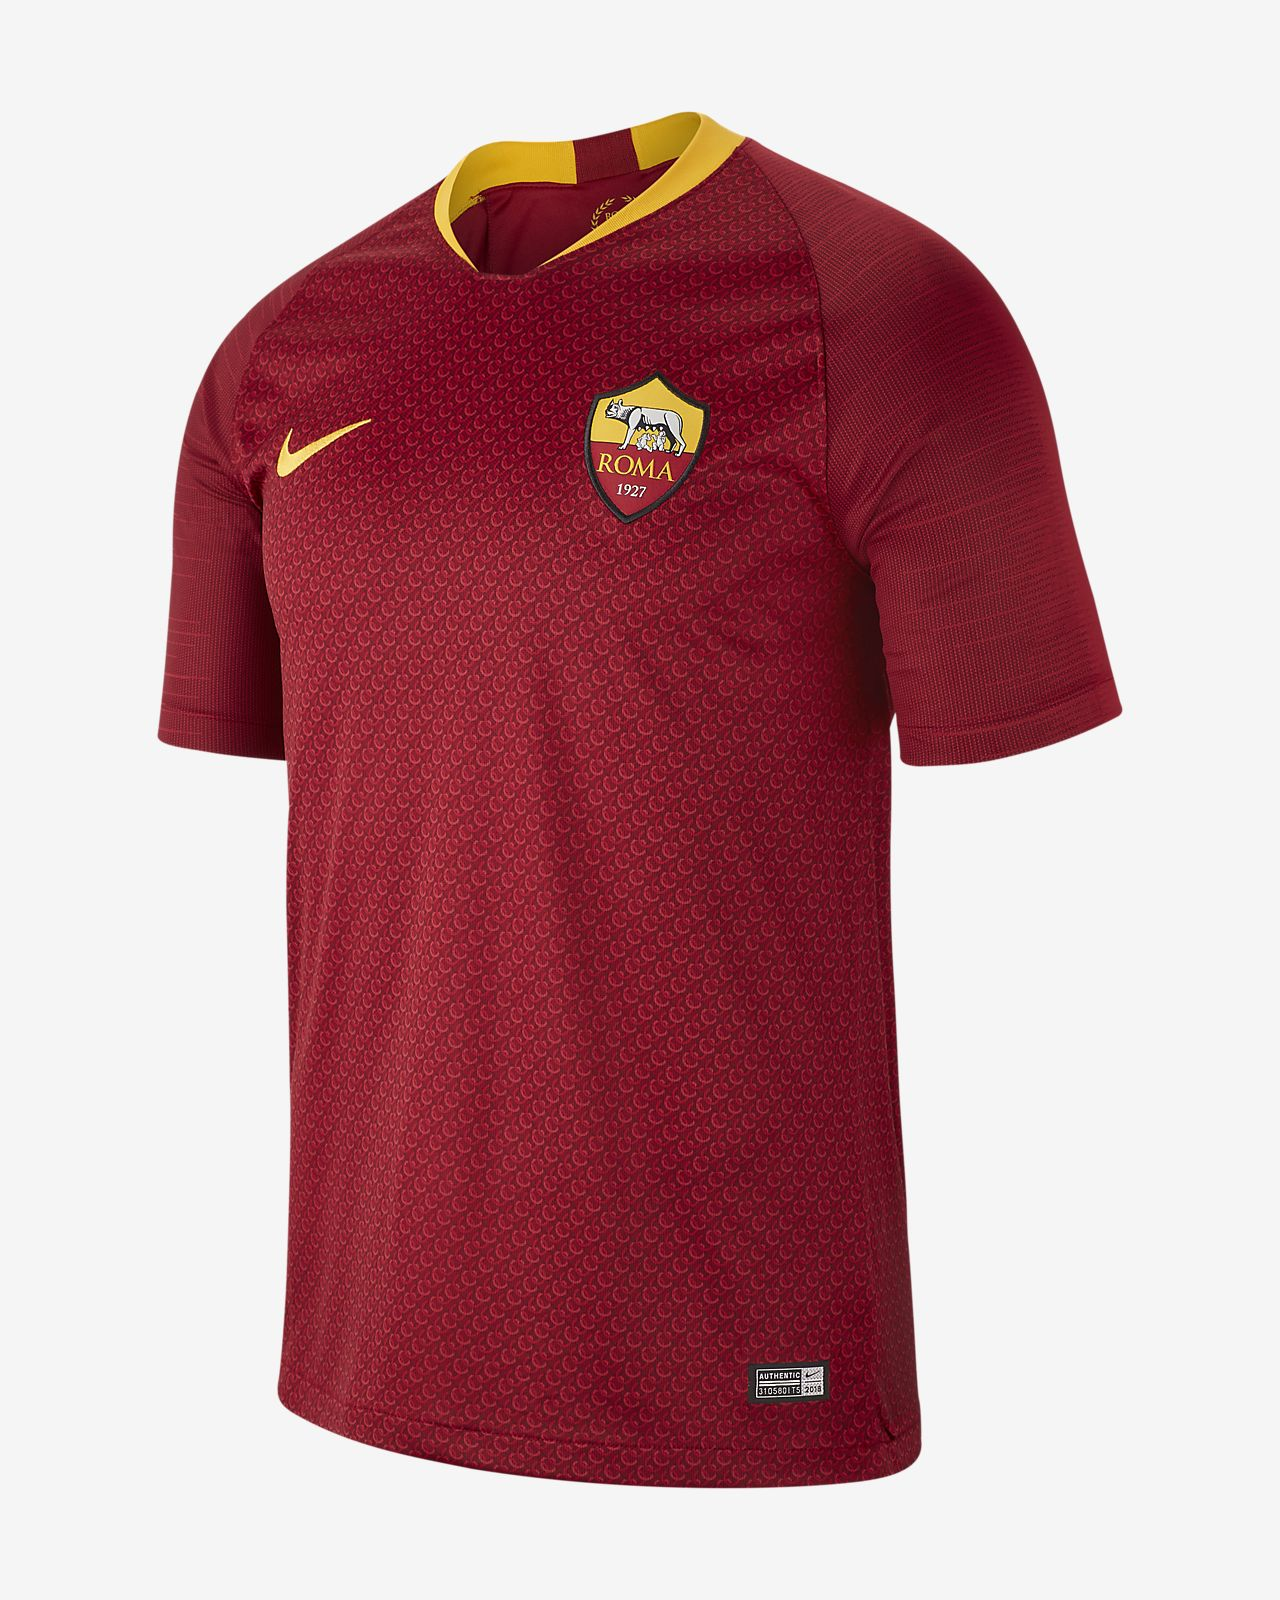 Camiseta de fútbol para hombre 2018 19 A.S. Roma Stadium Home. Nike ... 911cbf39406